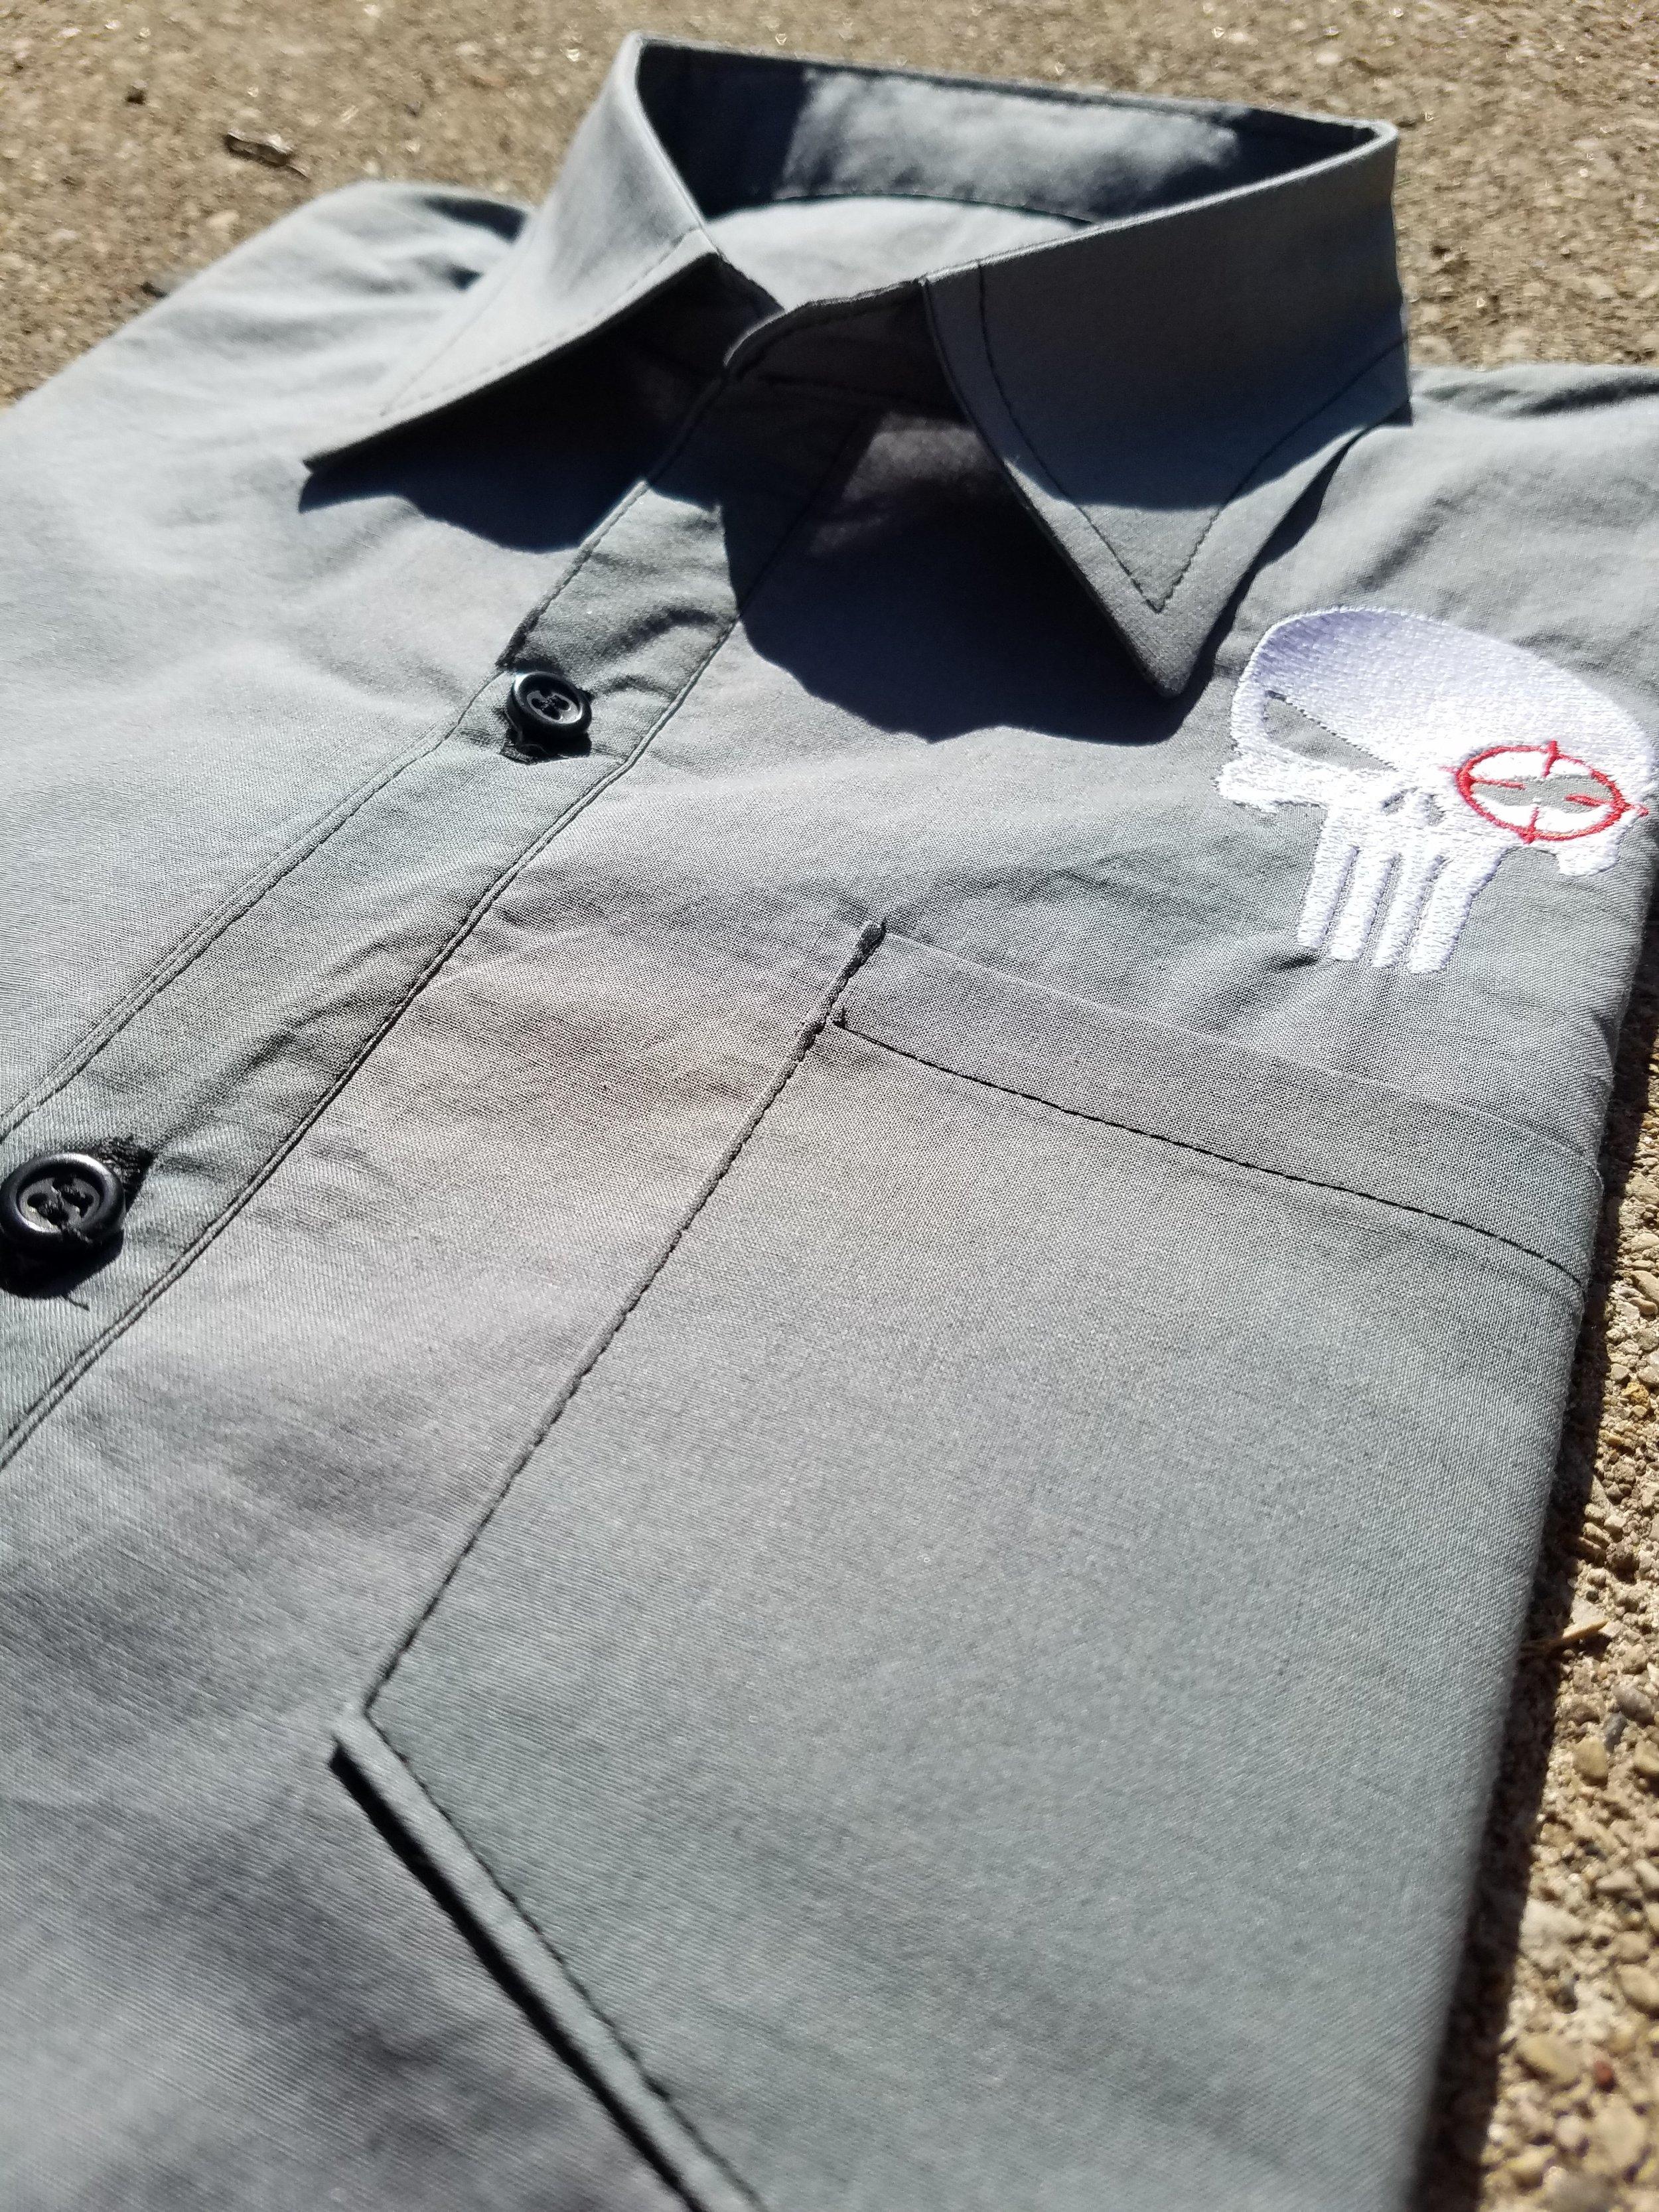 Handmade Punisher Shirt